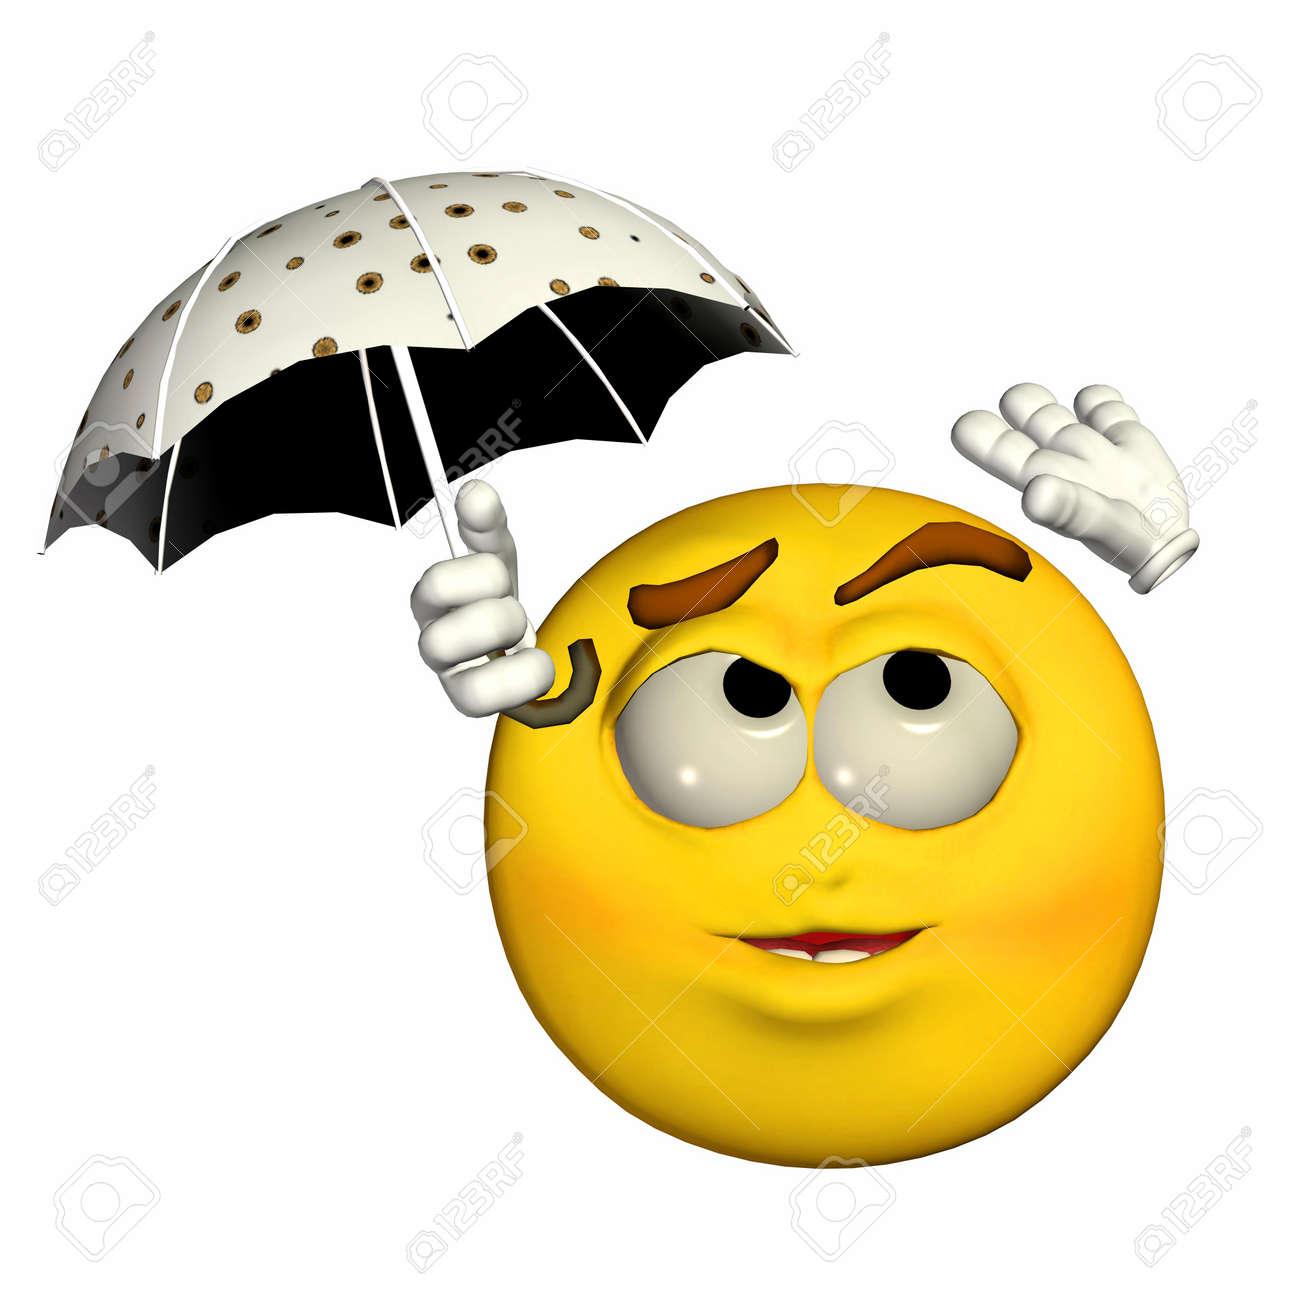 12675128-ilustraci%C3%B3n-de-un-emoticono-amarillo-que-sostiene-un-paraguas-aislados-sobre-un-fondo-blanco.jpg